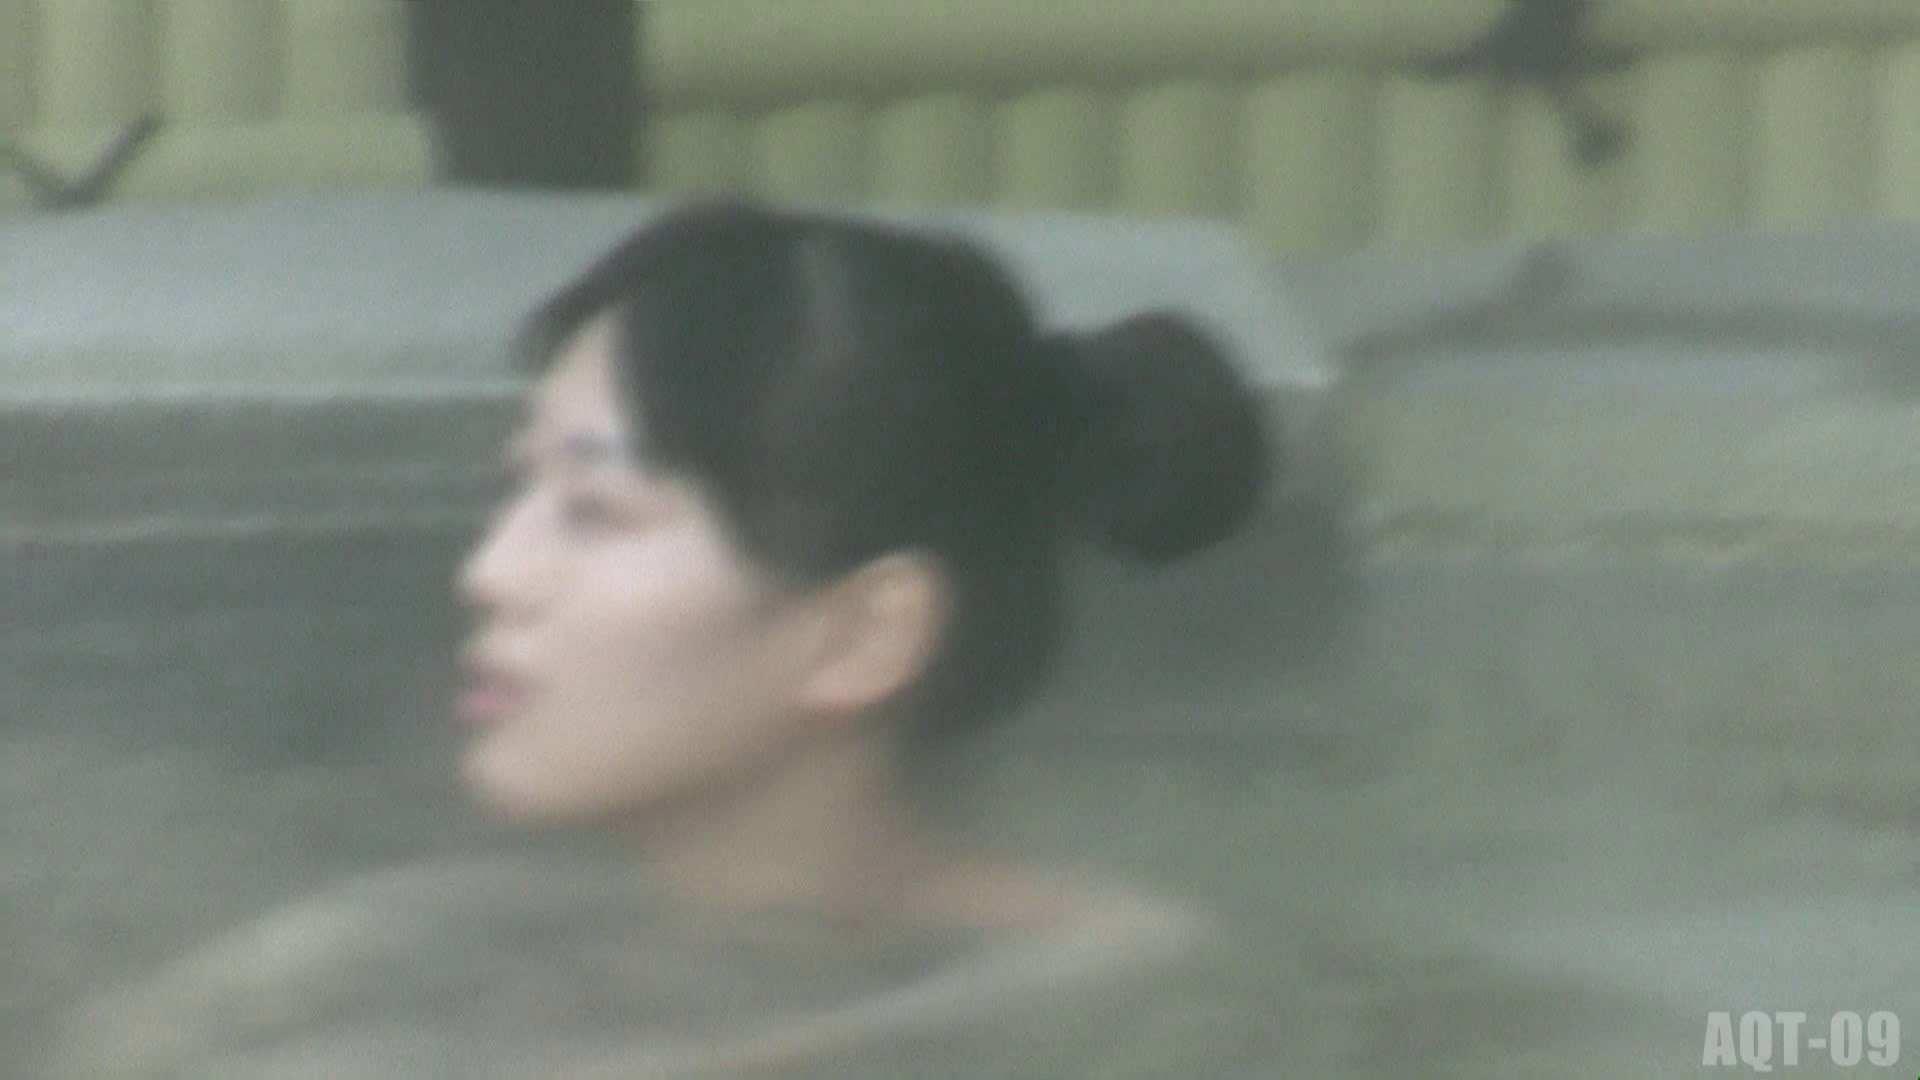 Aquaな露天風呂Vol.785 美しいOLの裸体  84pic 3